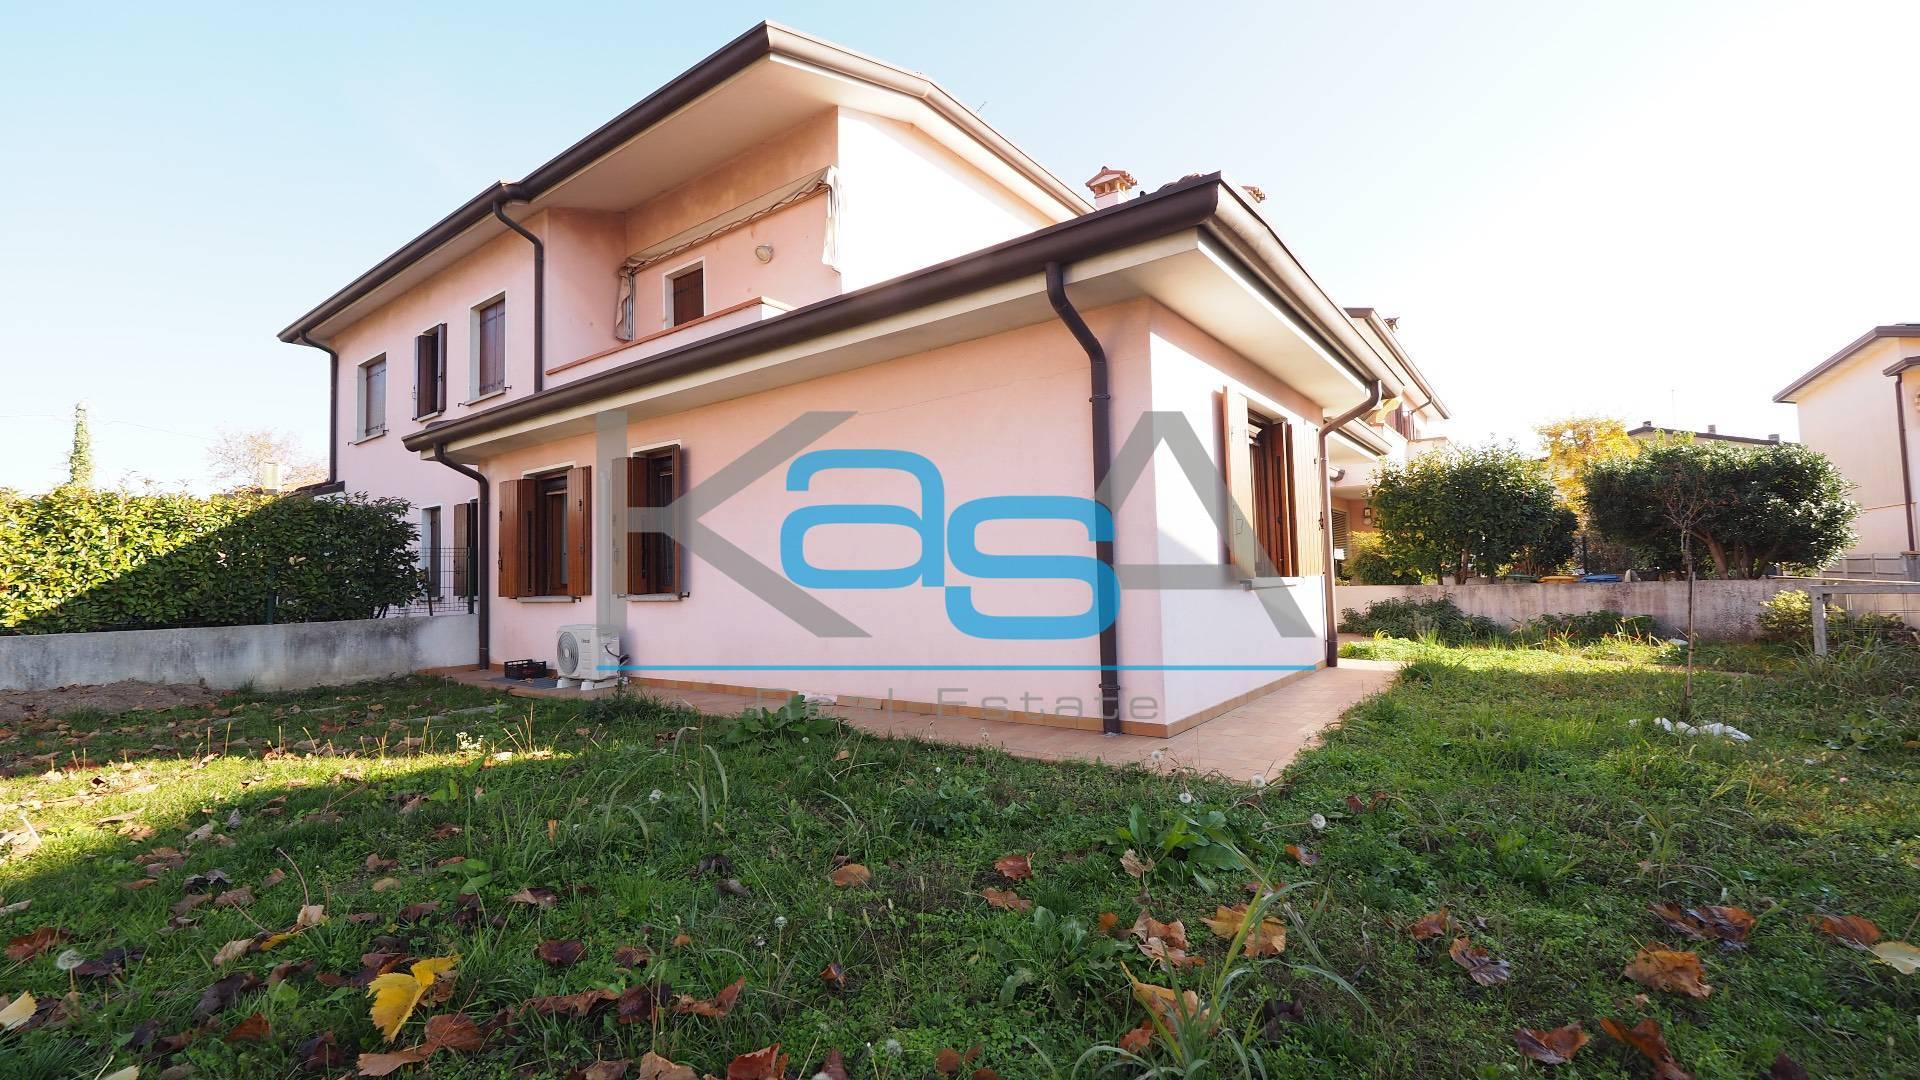 Appartamento in vendita a Spresiano, 4 locali, zona Zona: Visnadello, prezzo € 140.000 | CambioCasa.it